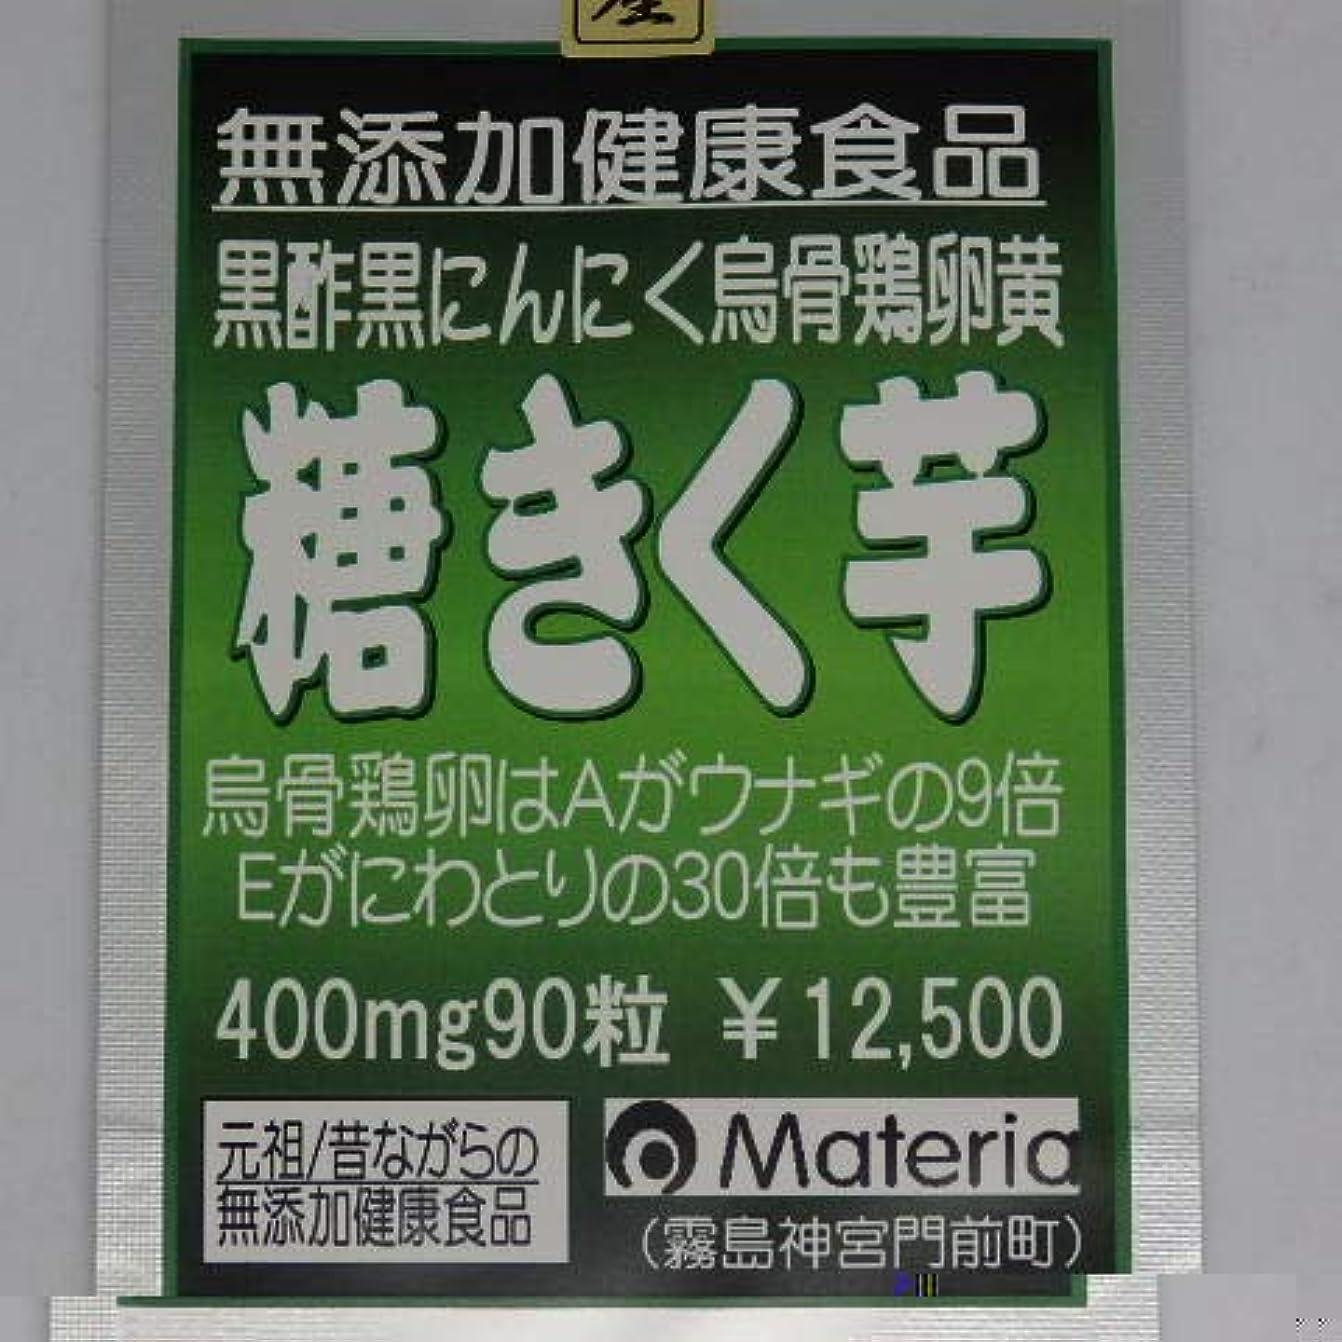 赤道高揚した意気消沈した無添加健康食品/黒酢黒にんにく烏骨鶏卵黄/菊芋糖系 (90粒)90日分¥12,500